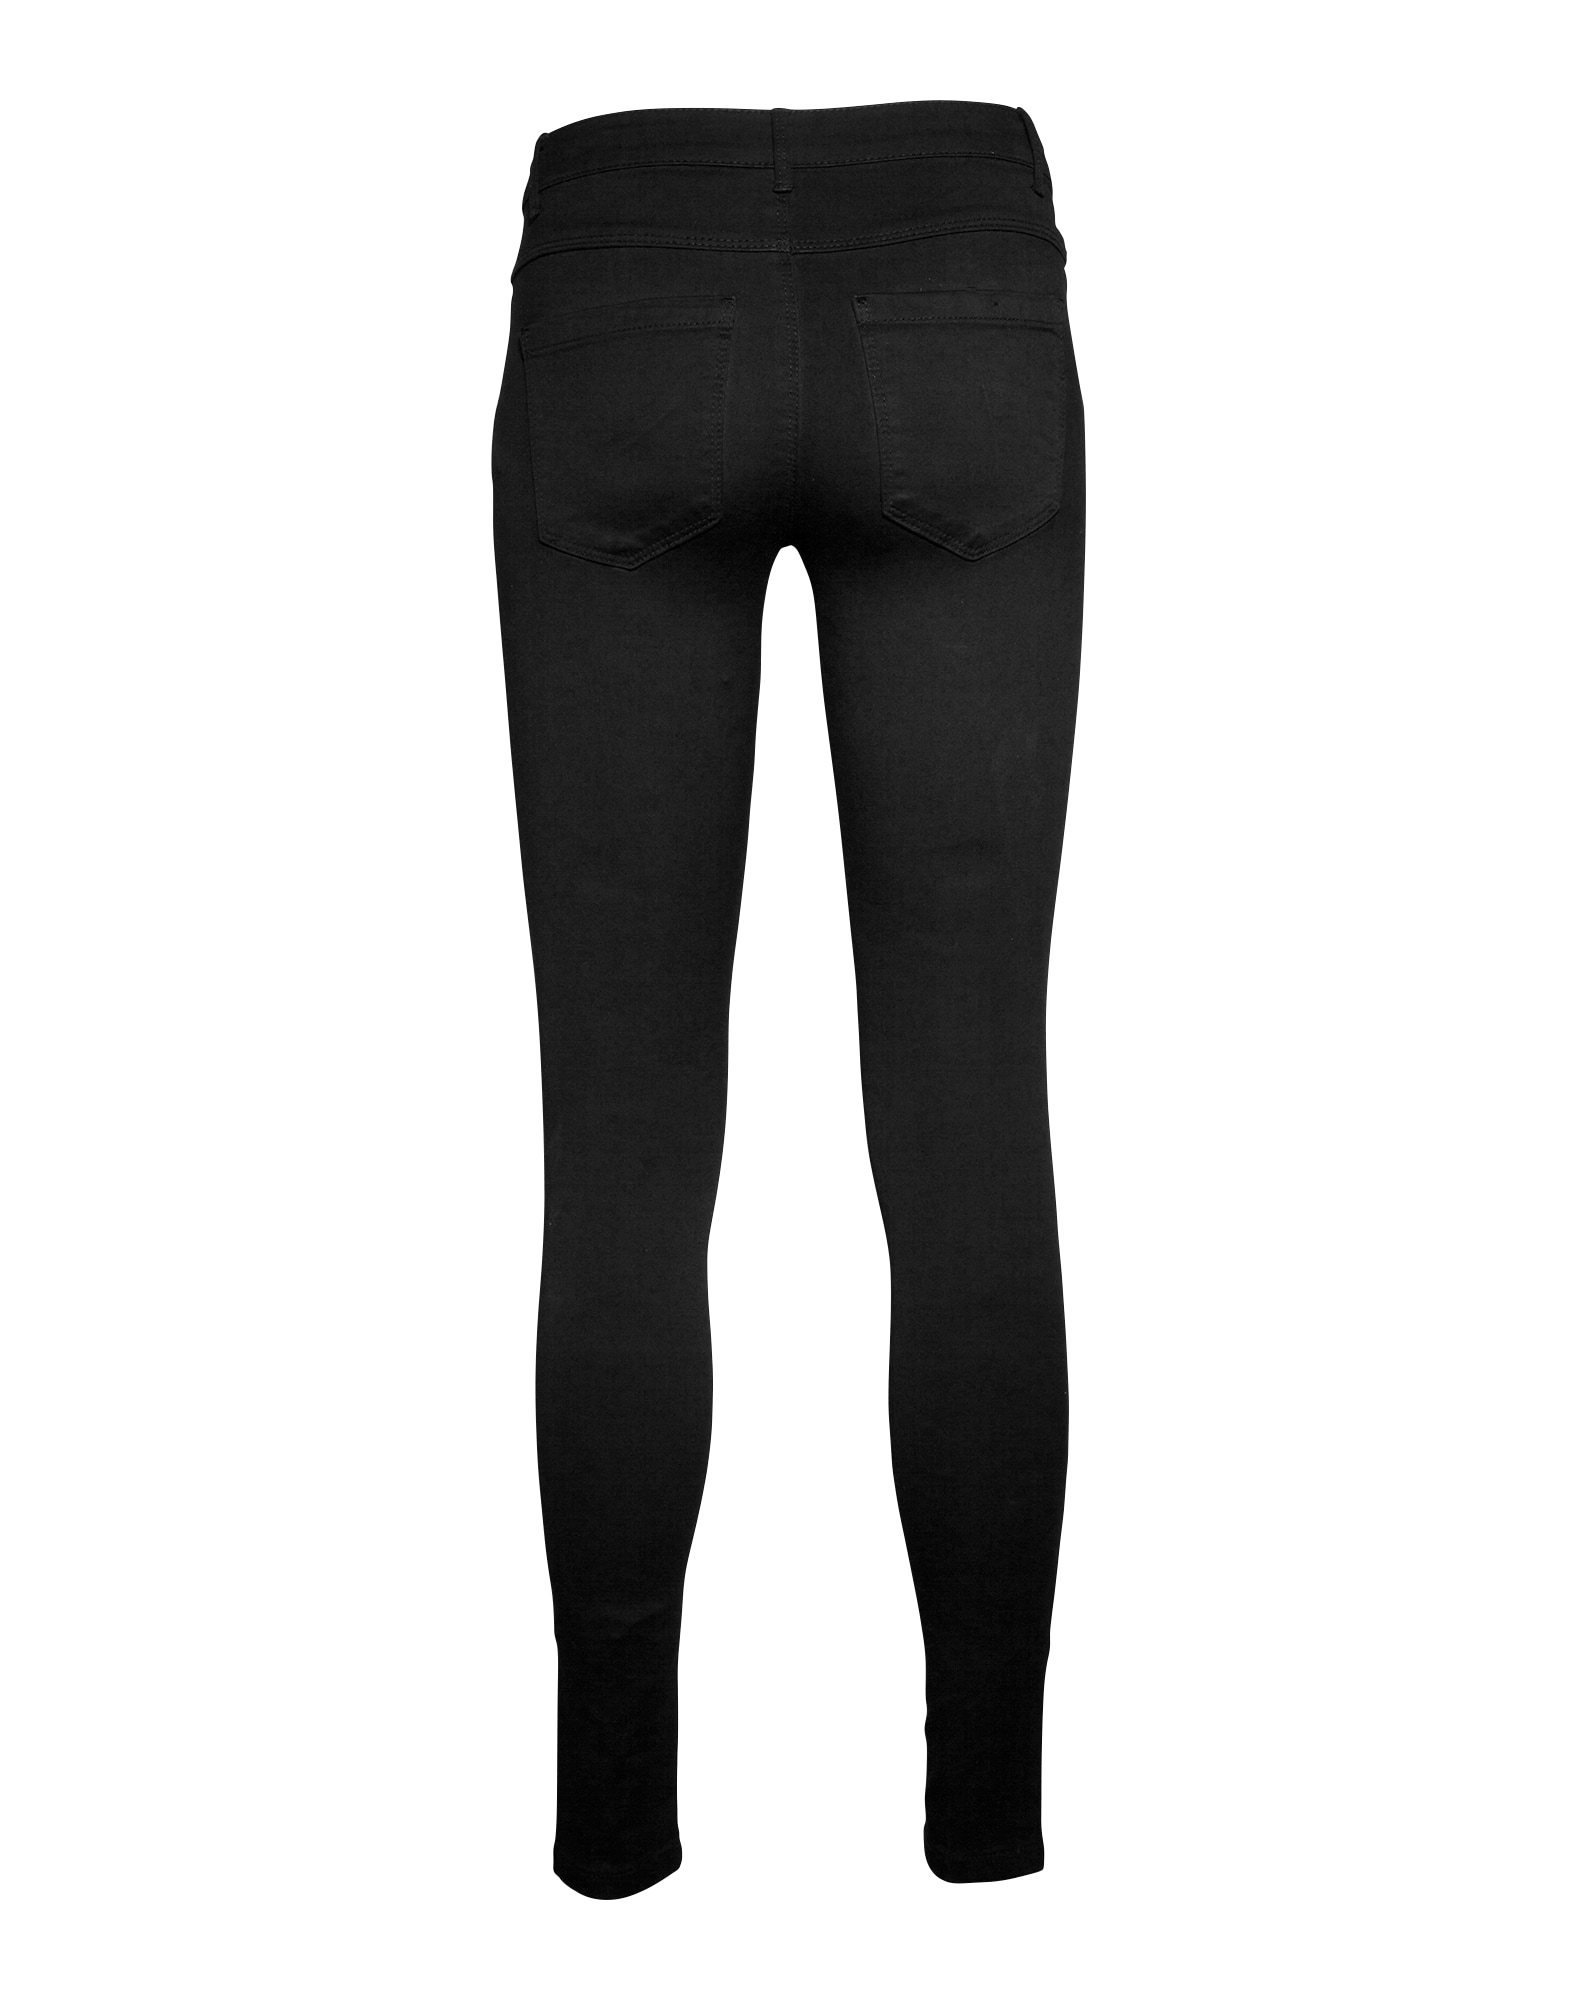 ONLY, Dames Jeans 'Royal', black denim